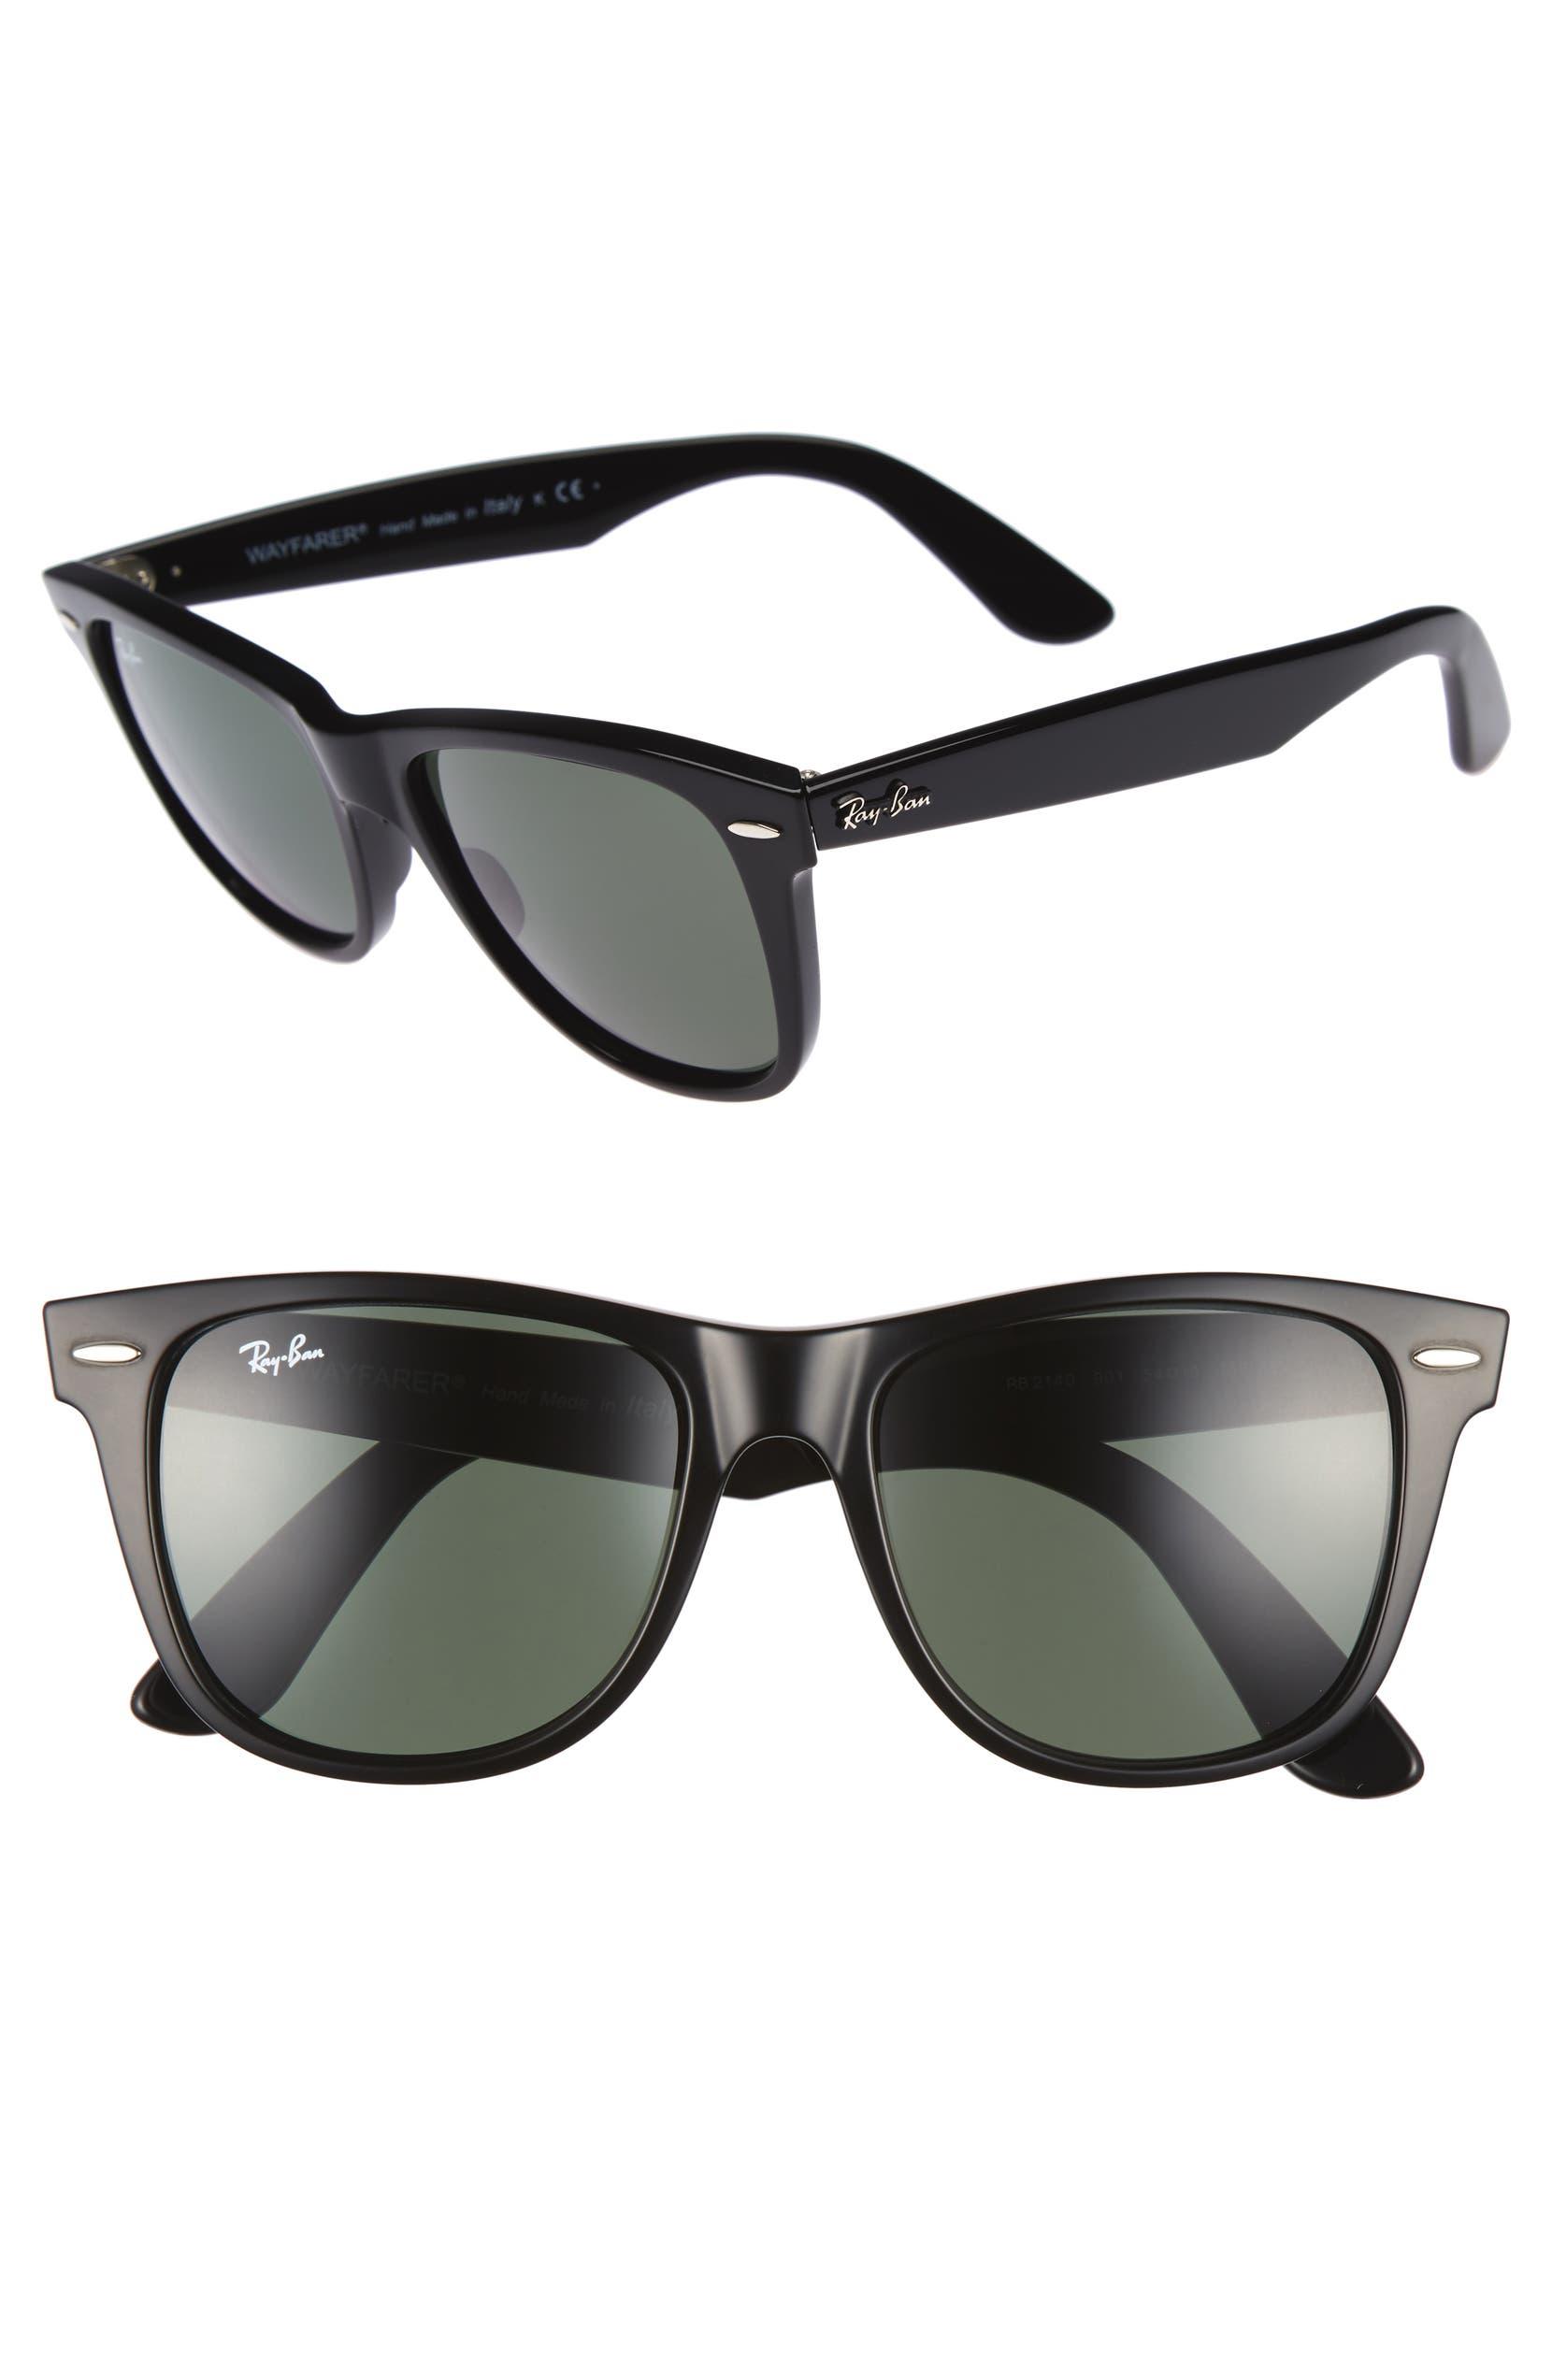 bfeb086c3a87 Ray-Ban Classic Wayfarer 54mm Sunglasses